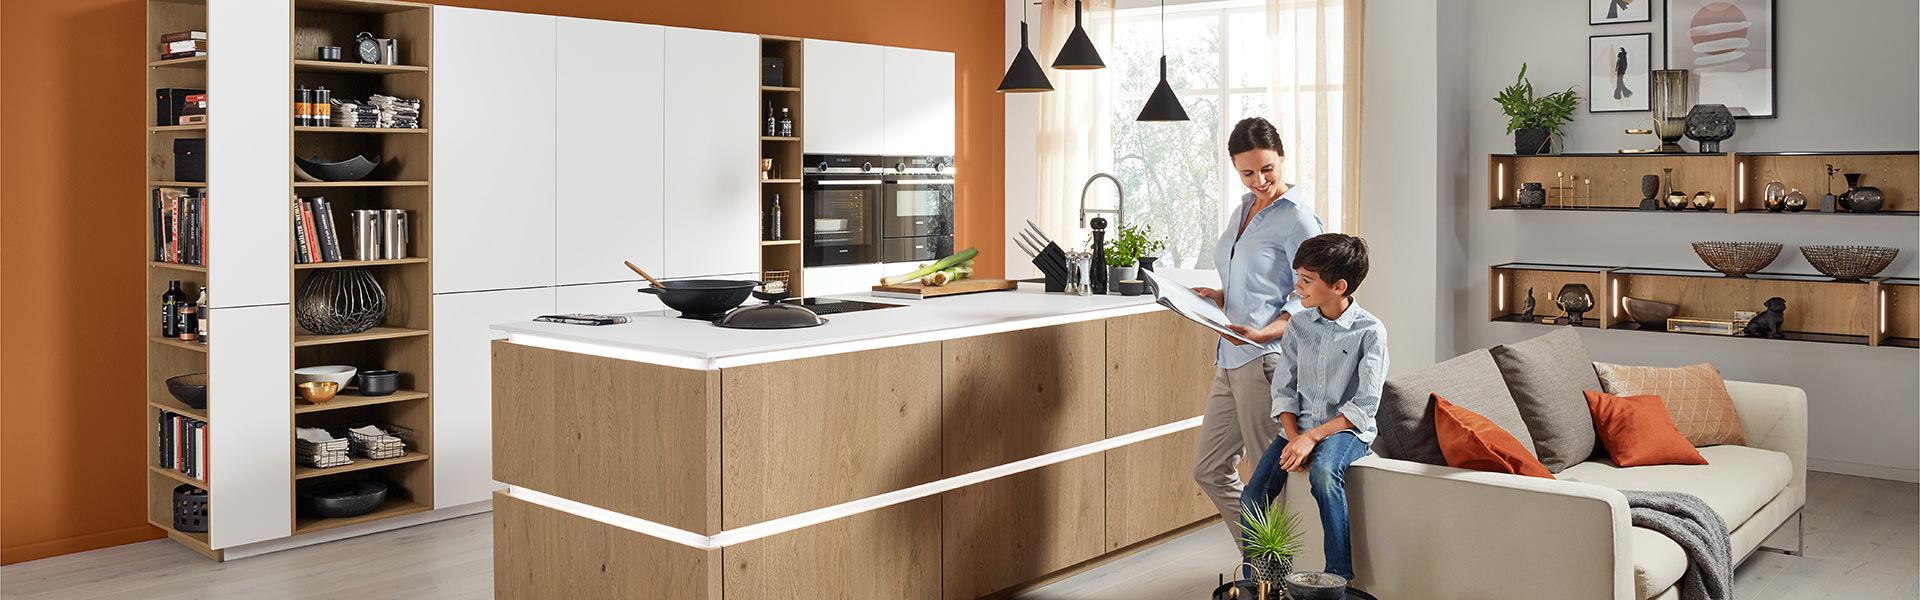 Full Size of Ausstellungsküchen Nrw Designo Kchen Ausstellungskchen Wohnzimmer Ausstellungsküchen Nrw